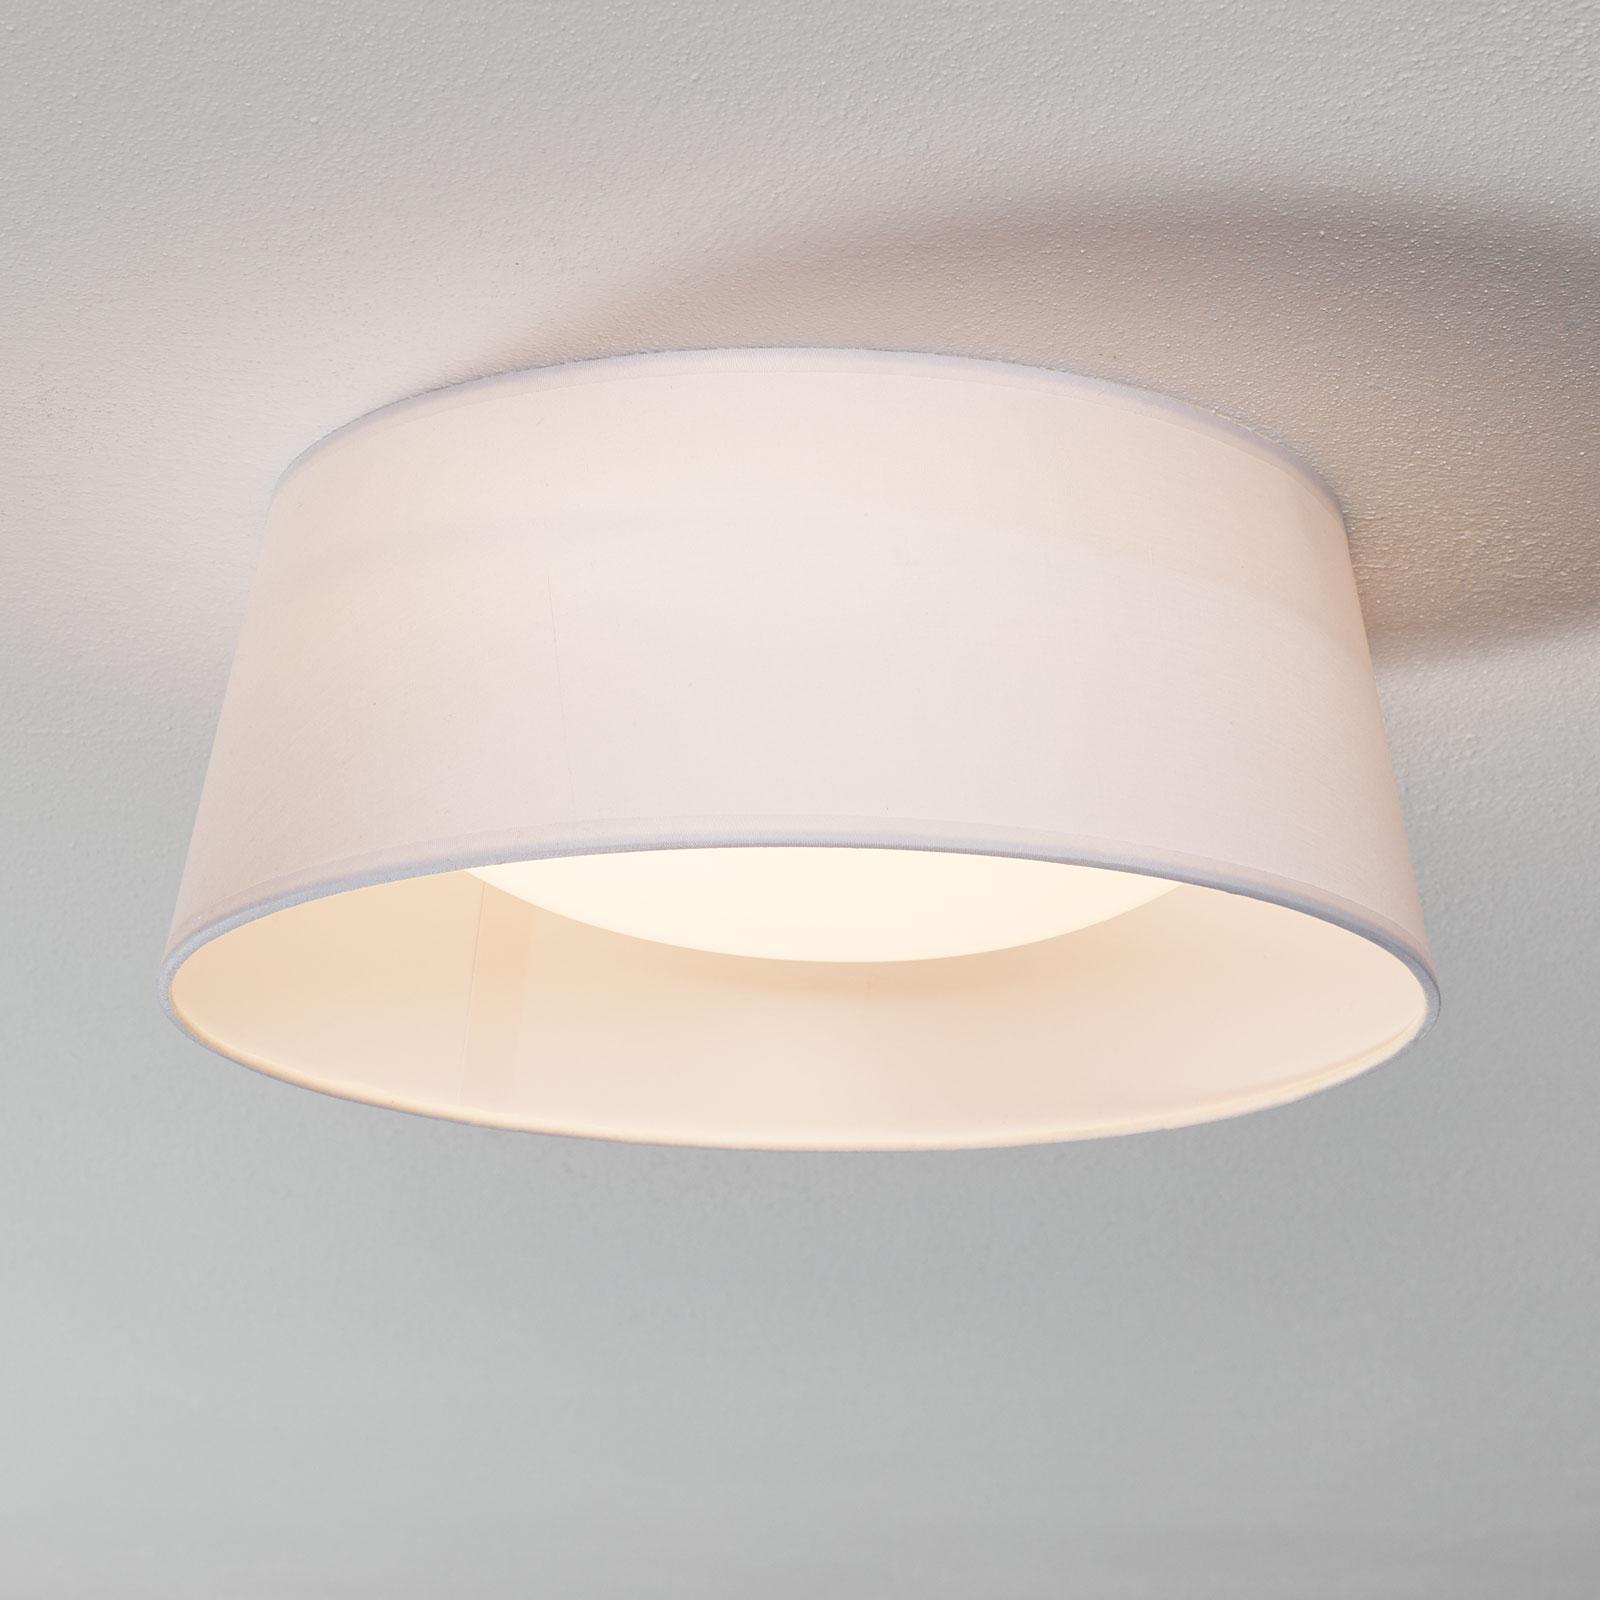 Valkoinen tekstiilikattovalaisin Ponts LEDeillä